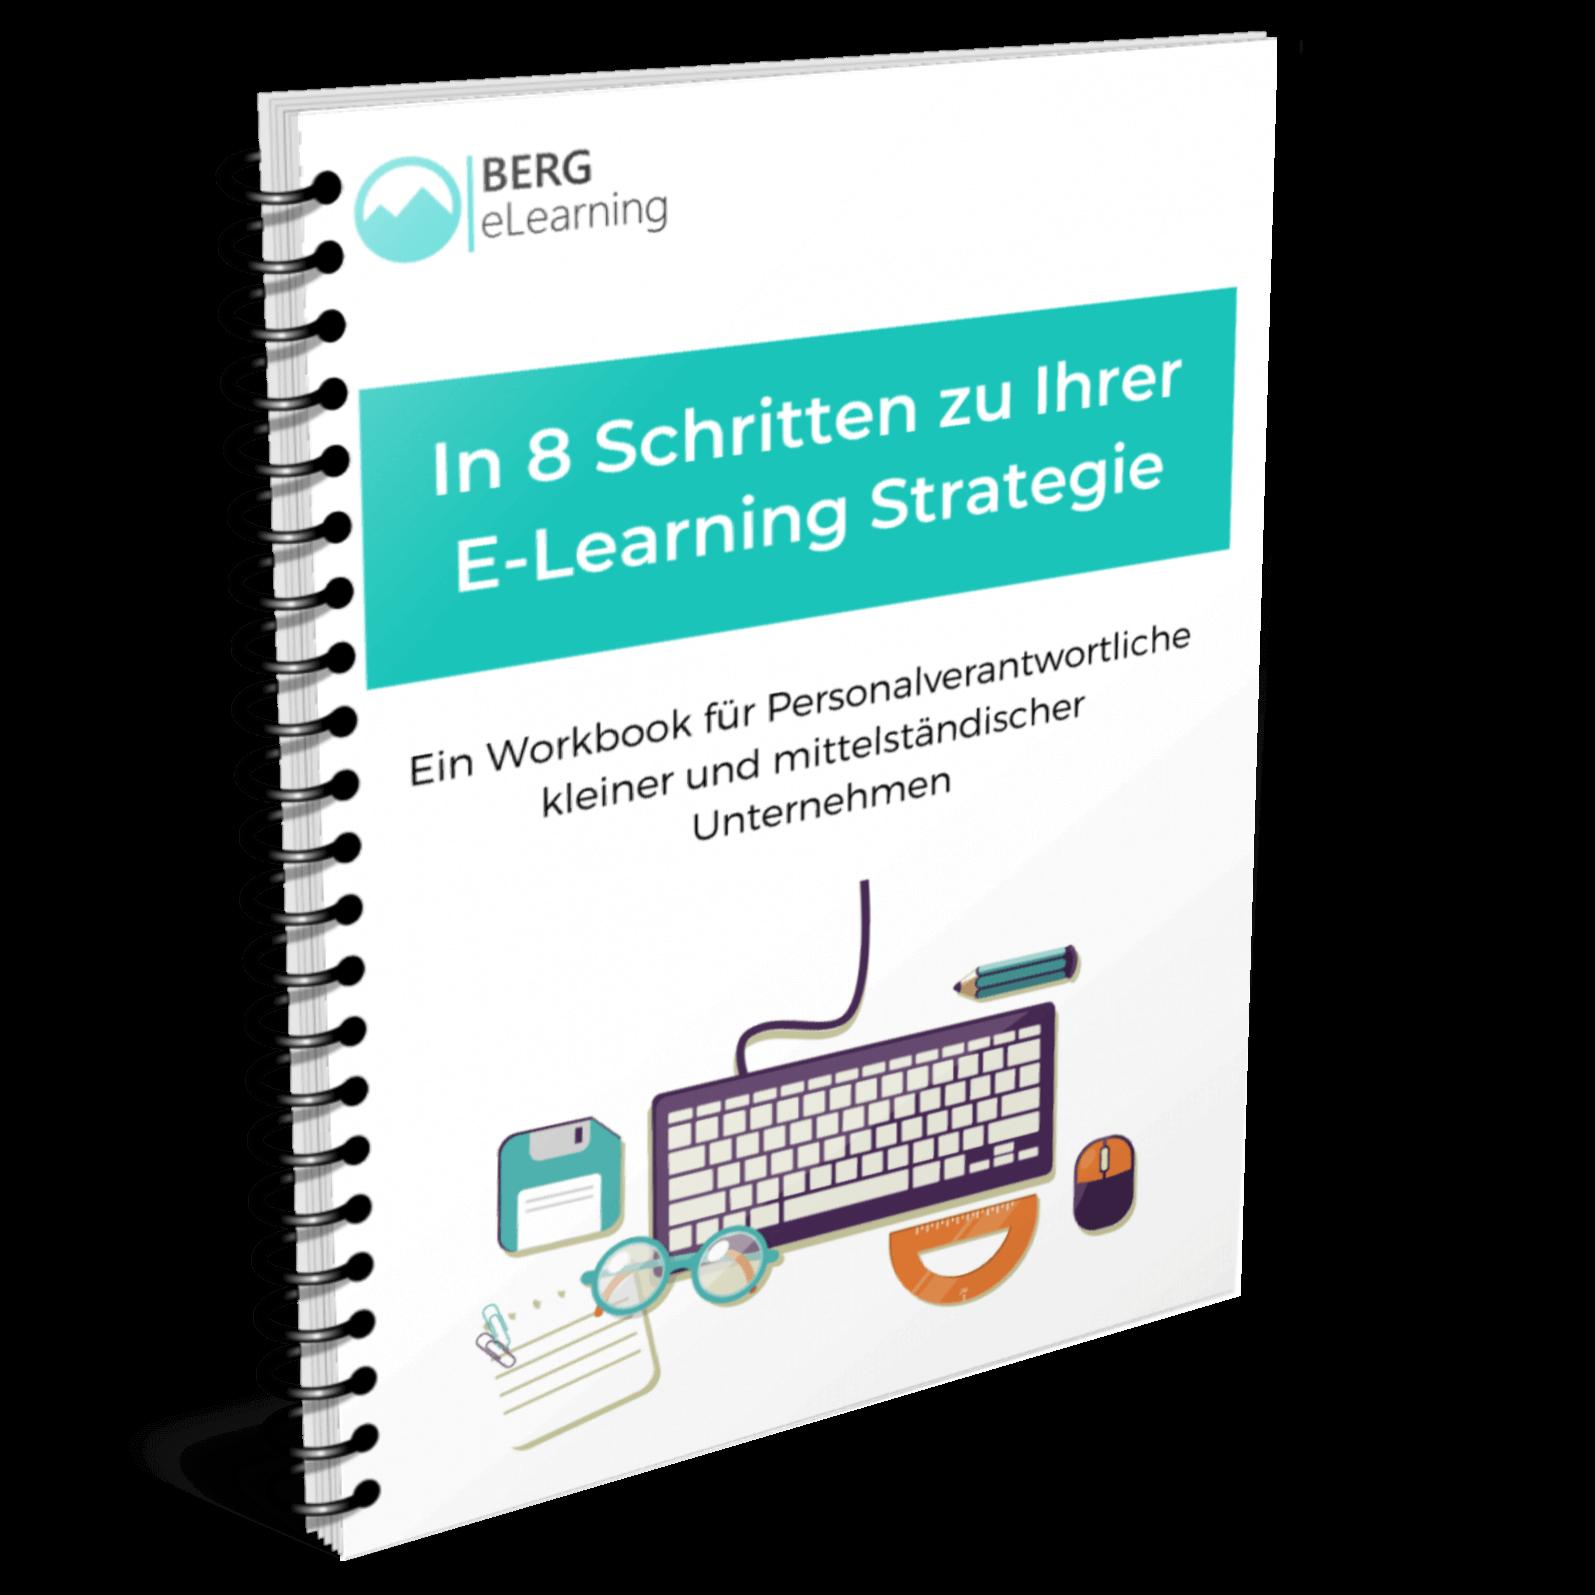 Kostenloses eBook eLearning Strategie